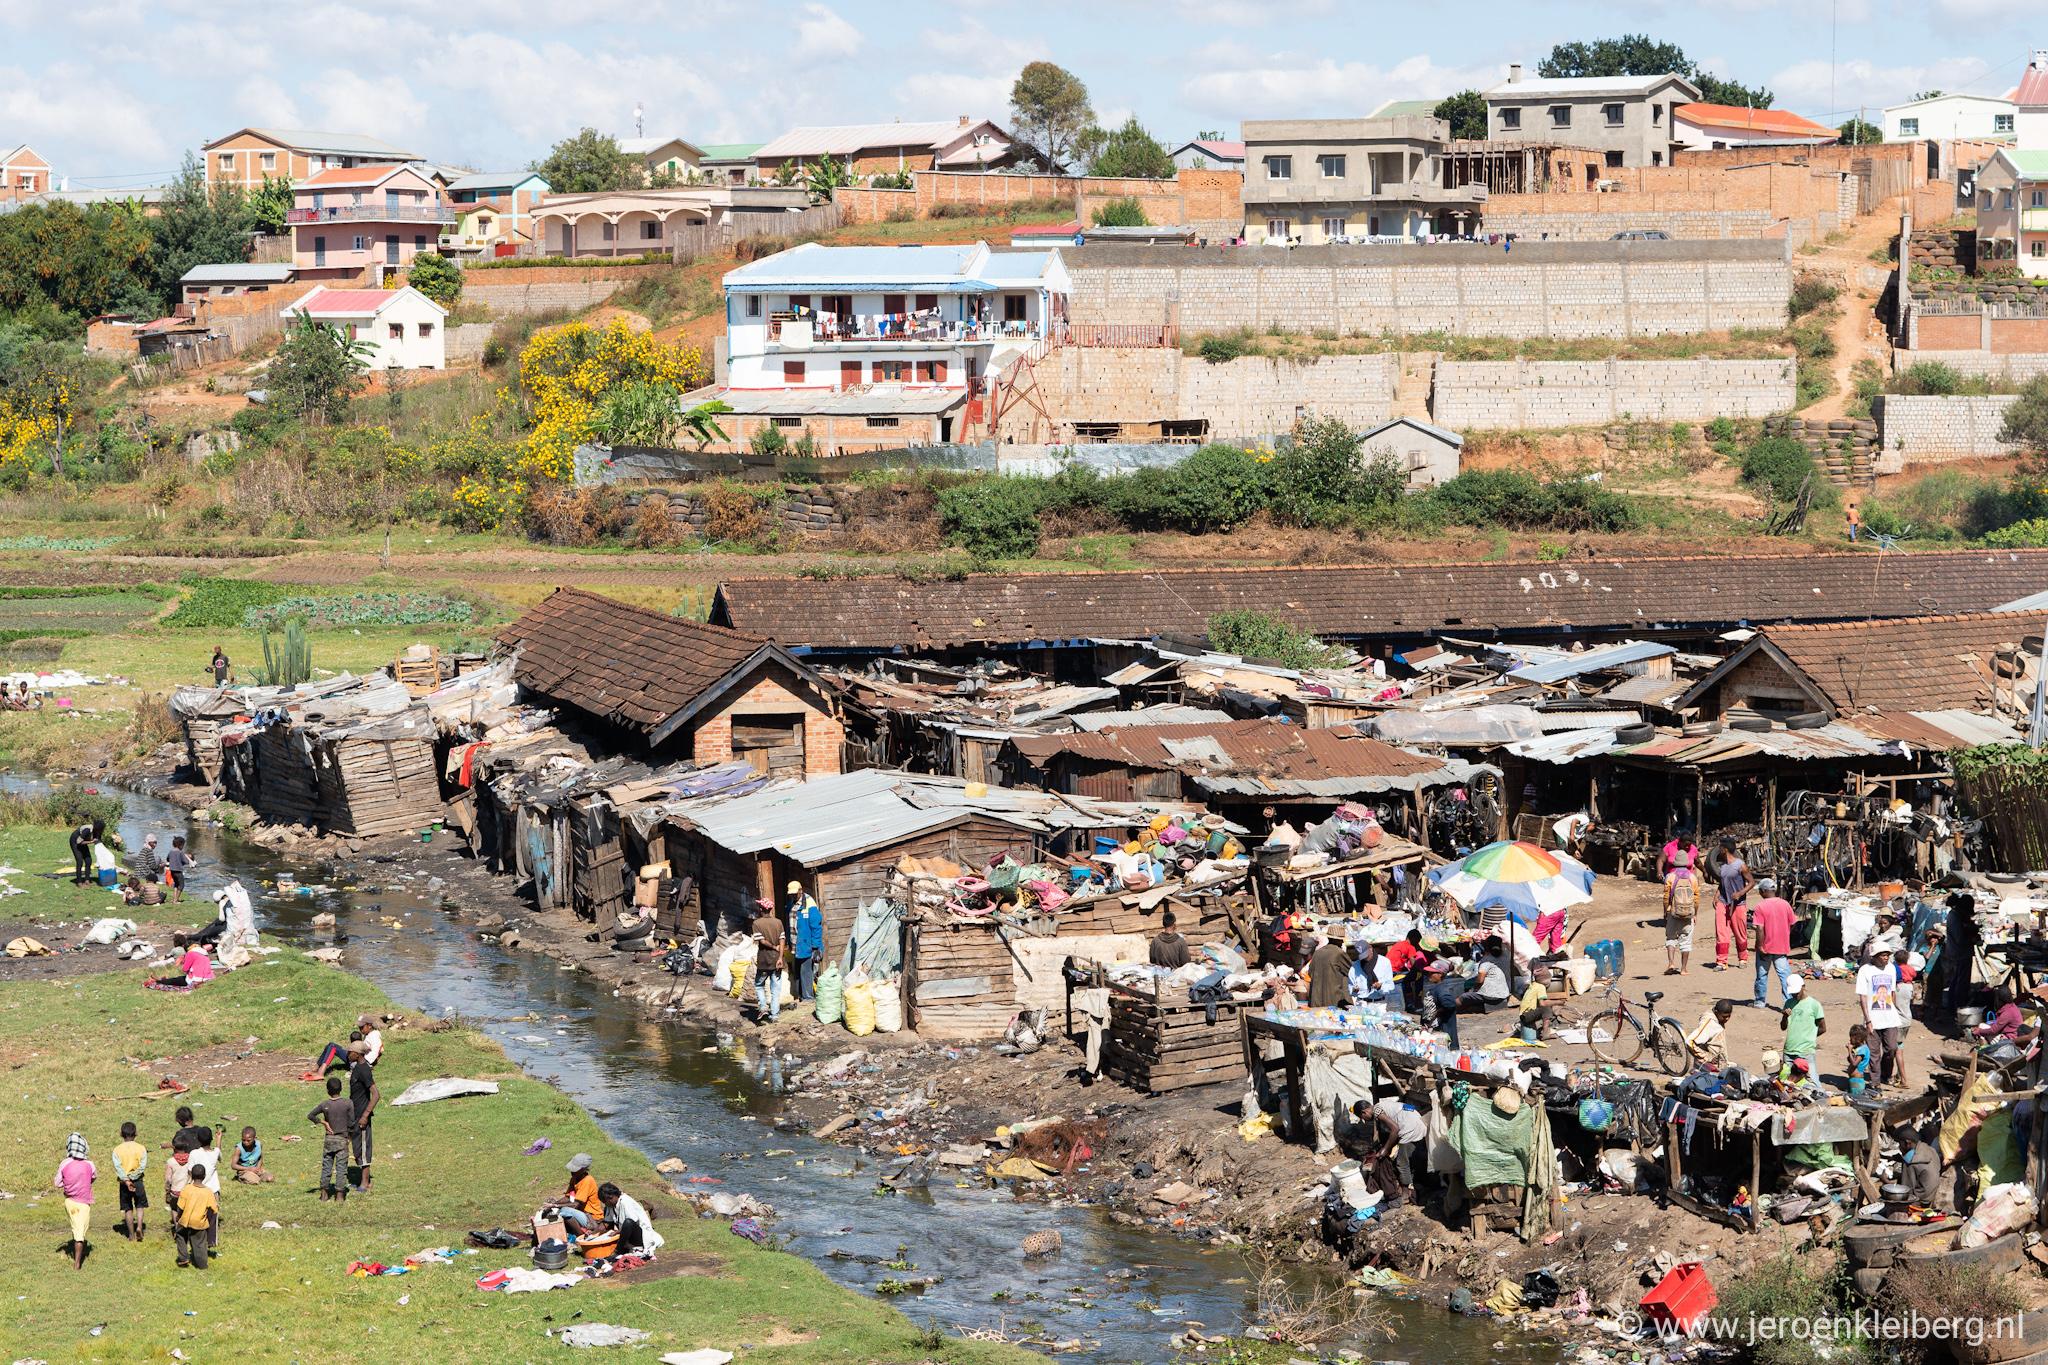 Madagaskar sloppenwijk